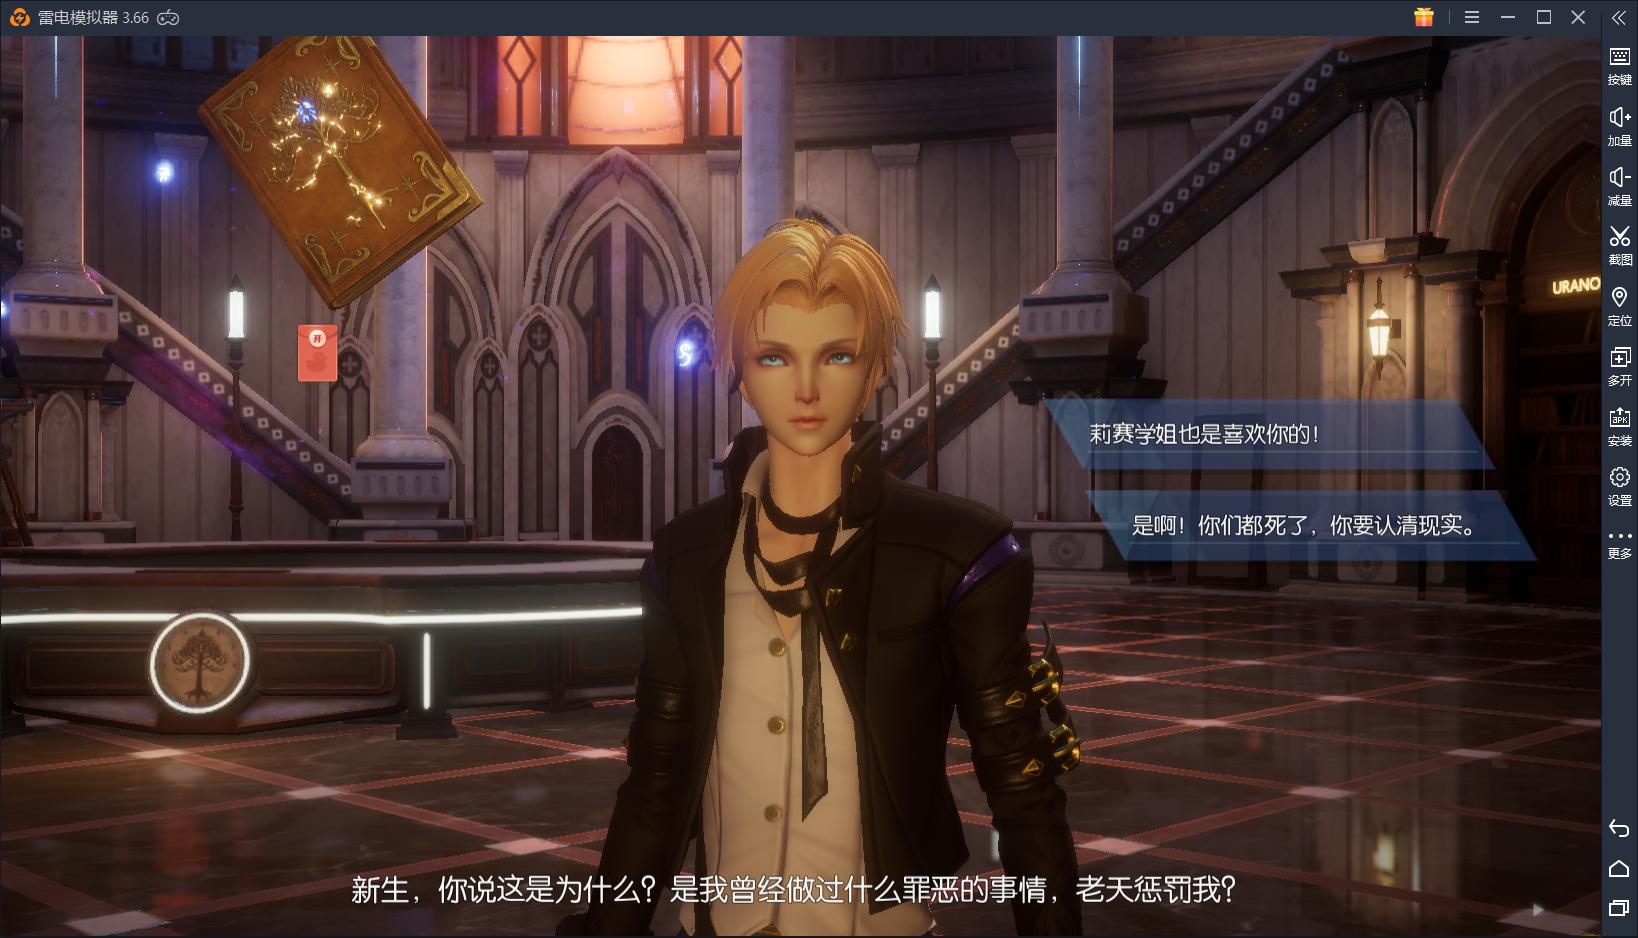 【龙族幻想】金色异闻八音盒物语攻略